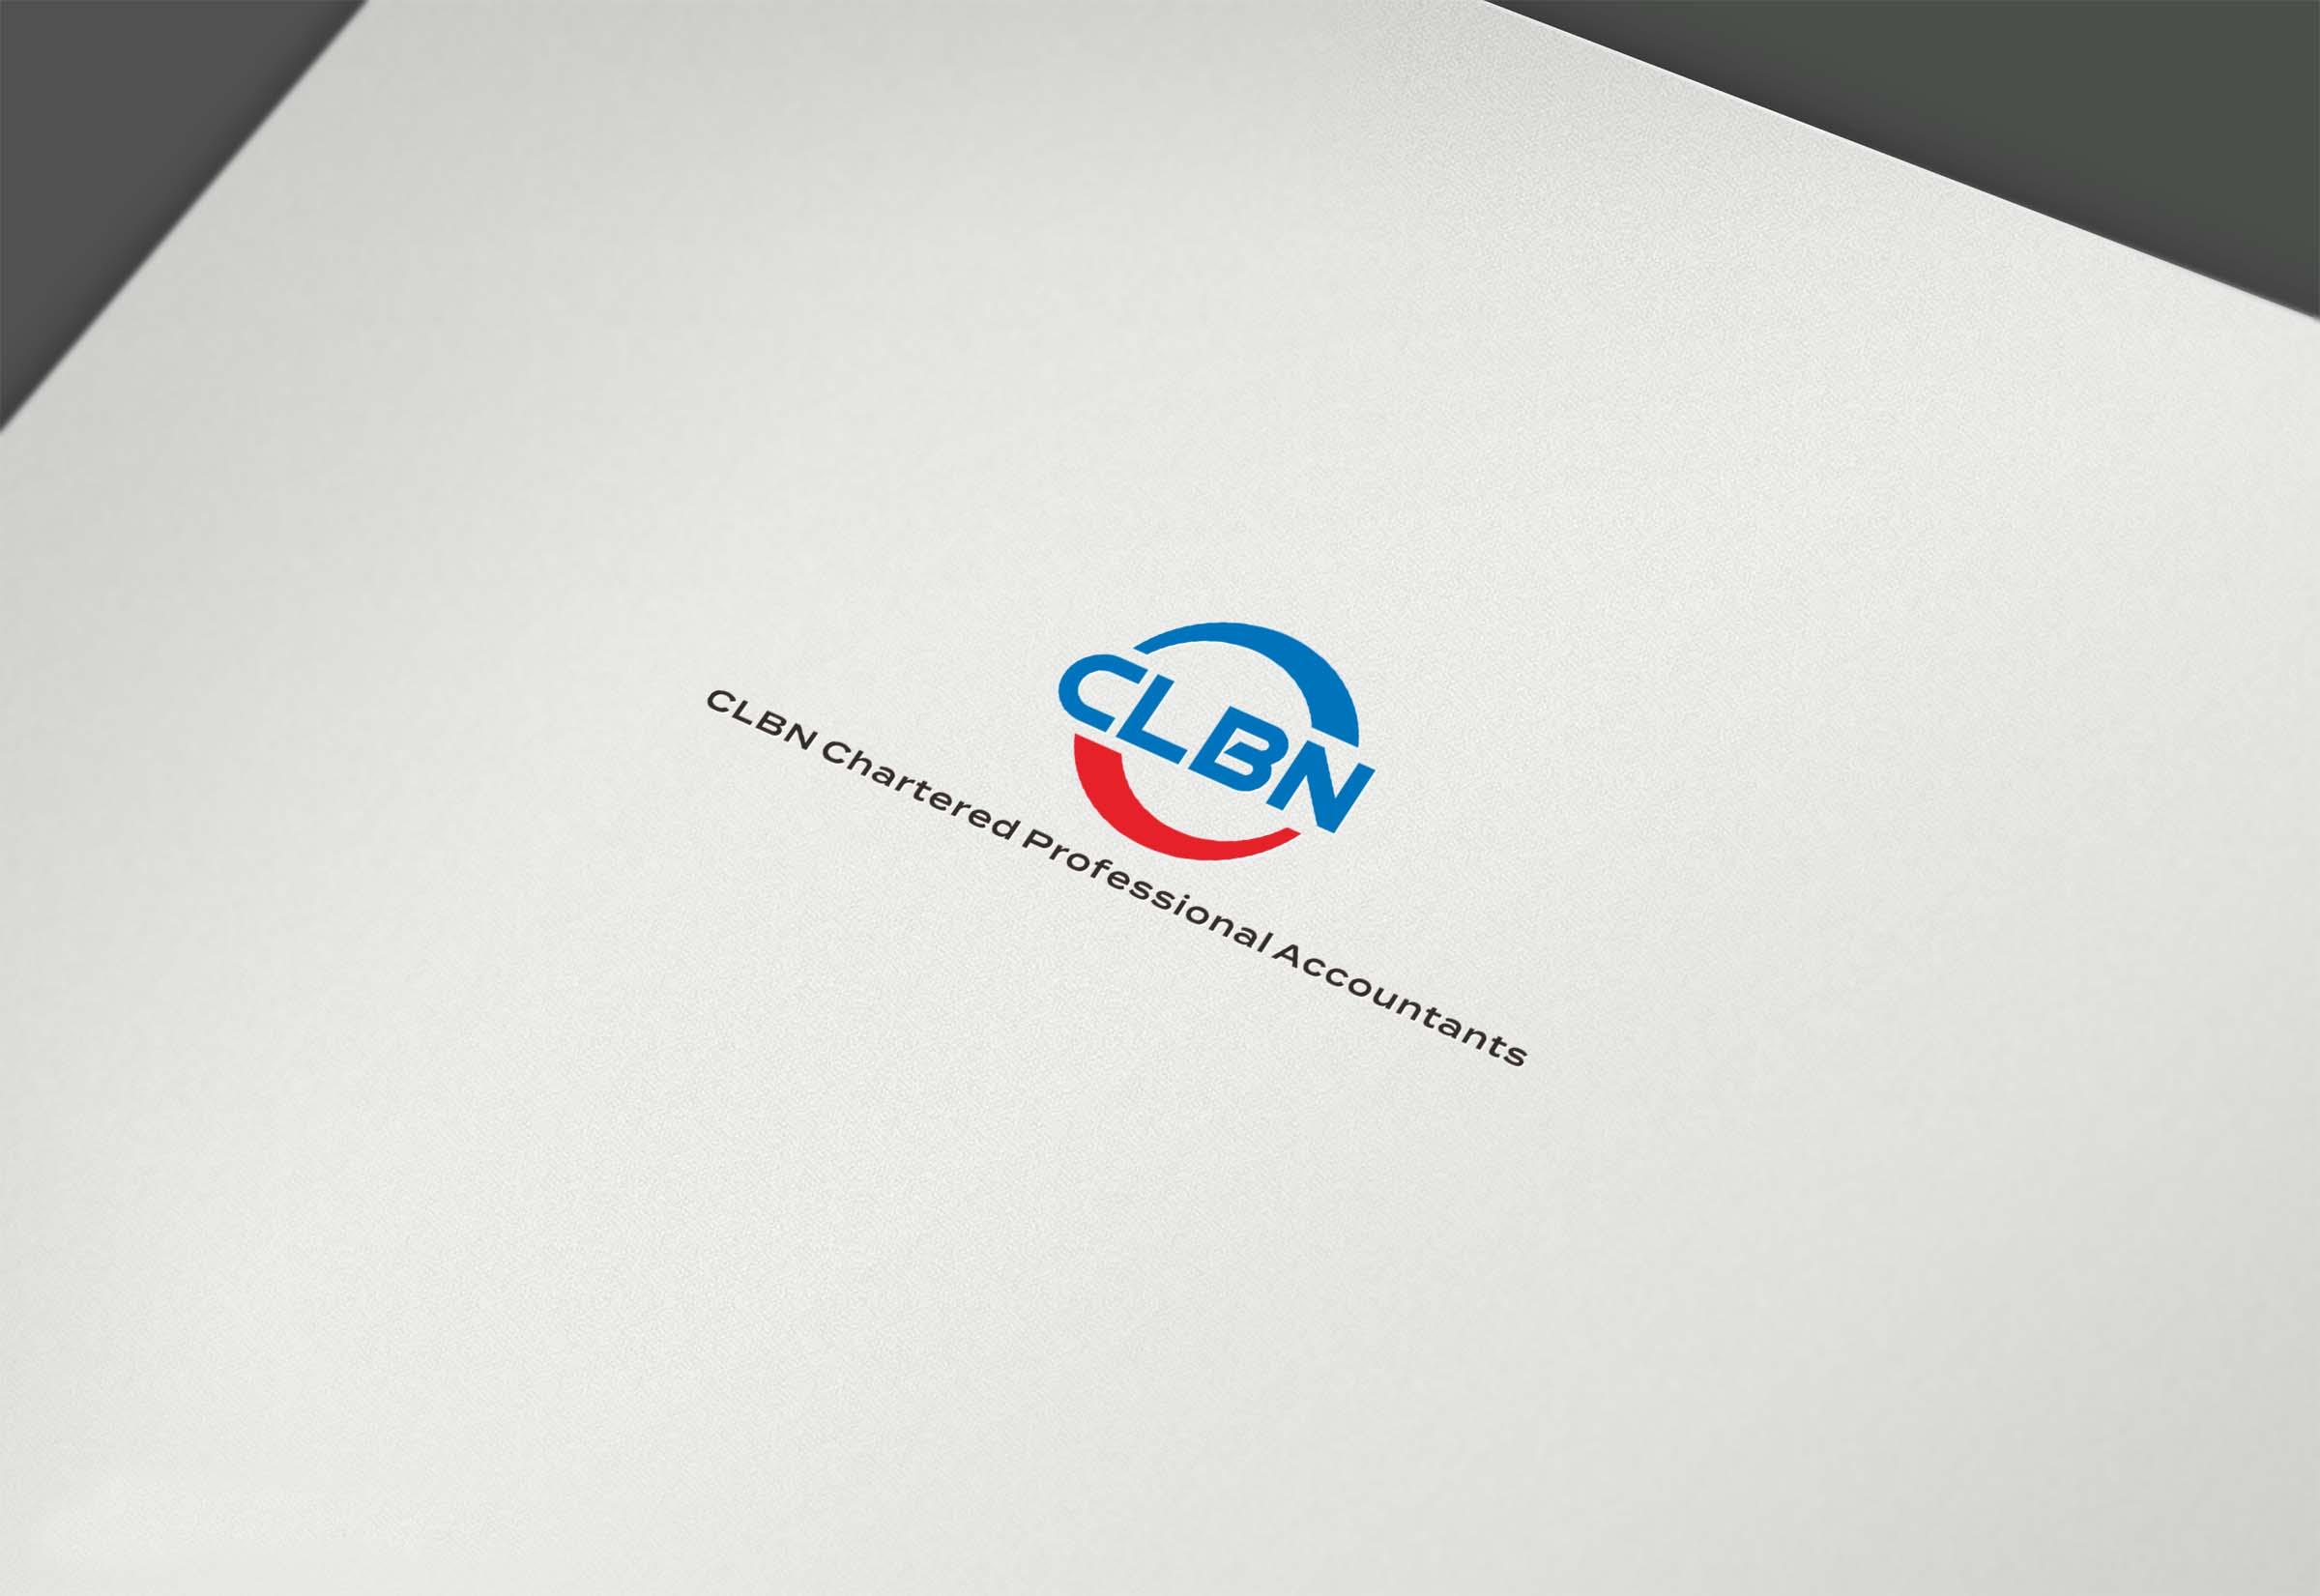 CLBN 公司Logo�O�_3025271_k68威客�W